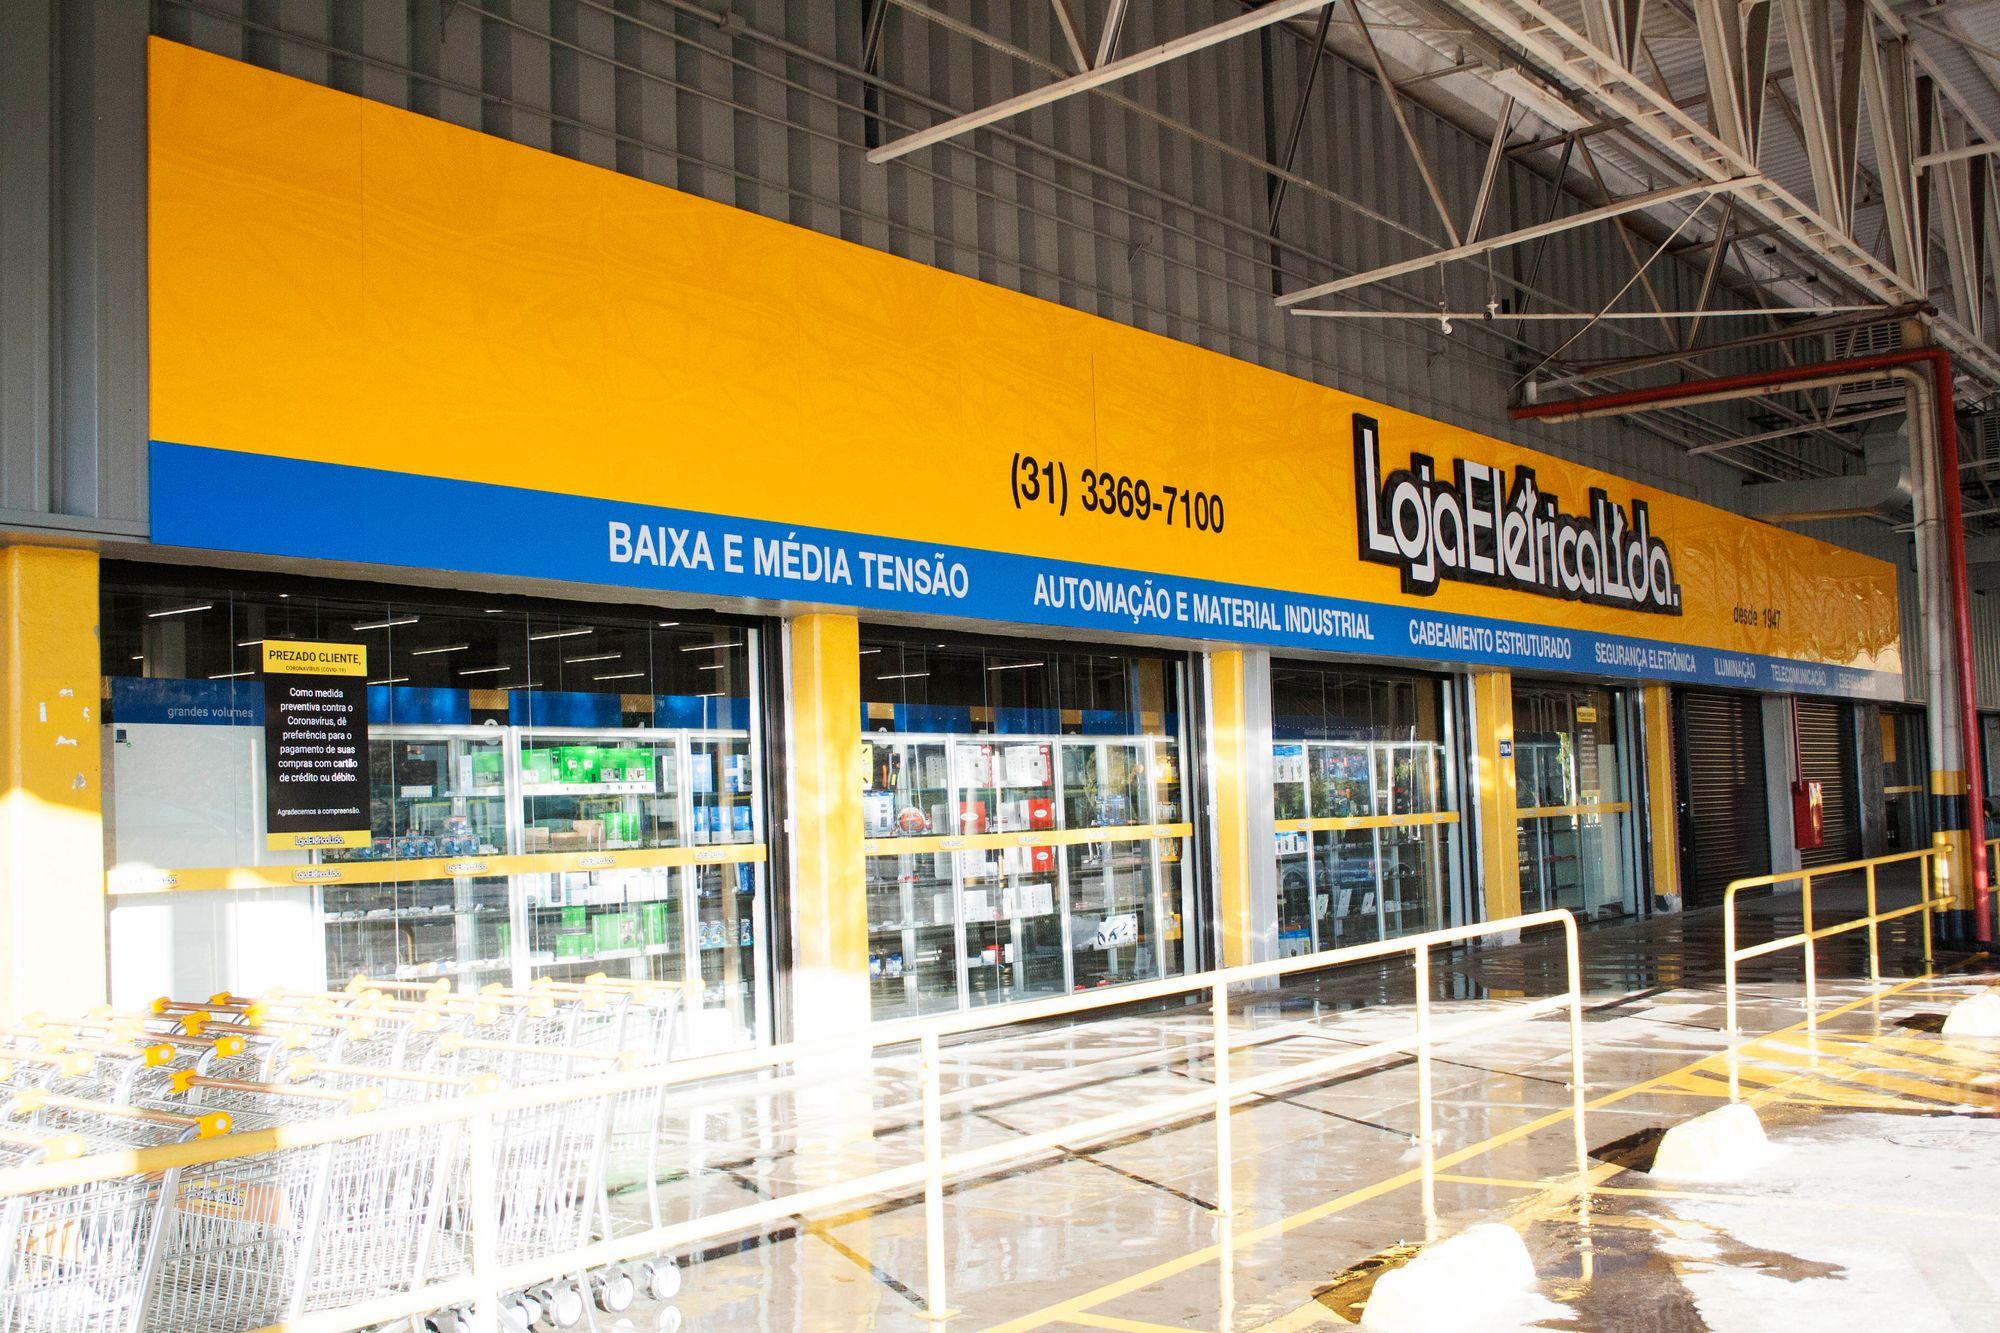 Loja Elétrica inaugura sua maior unidade em Minas Gerais